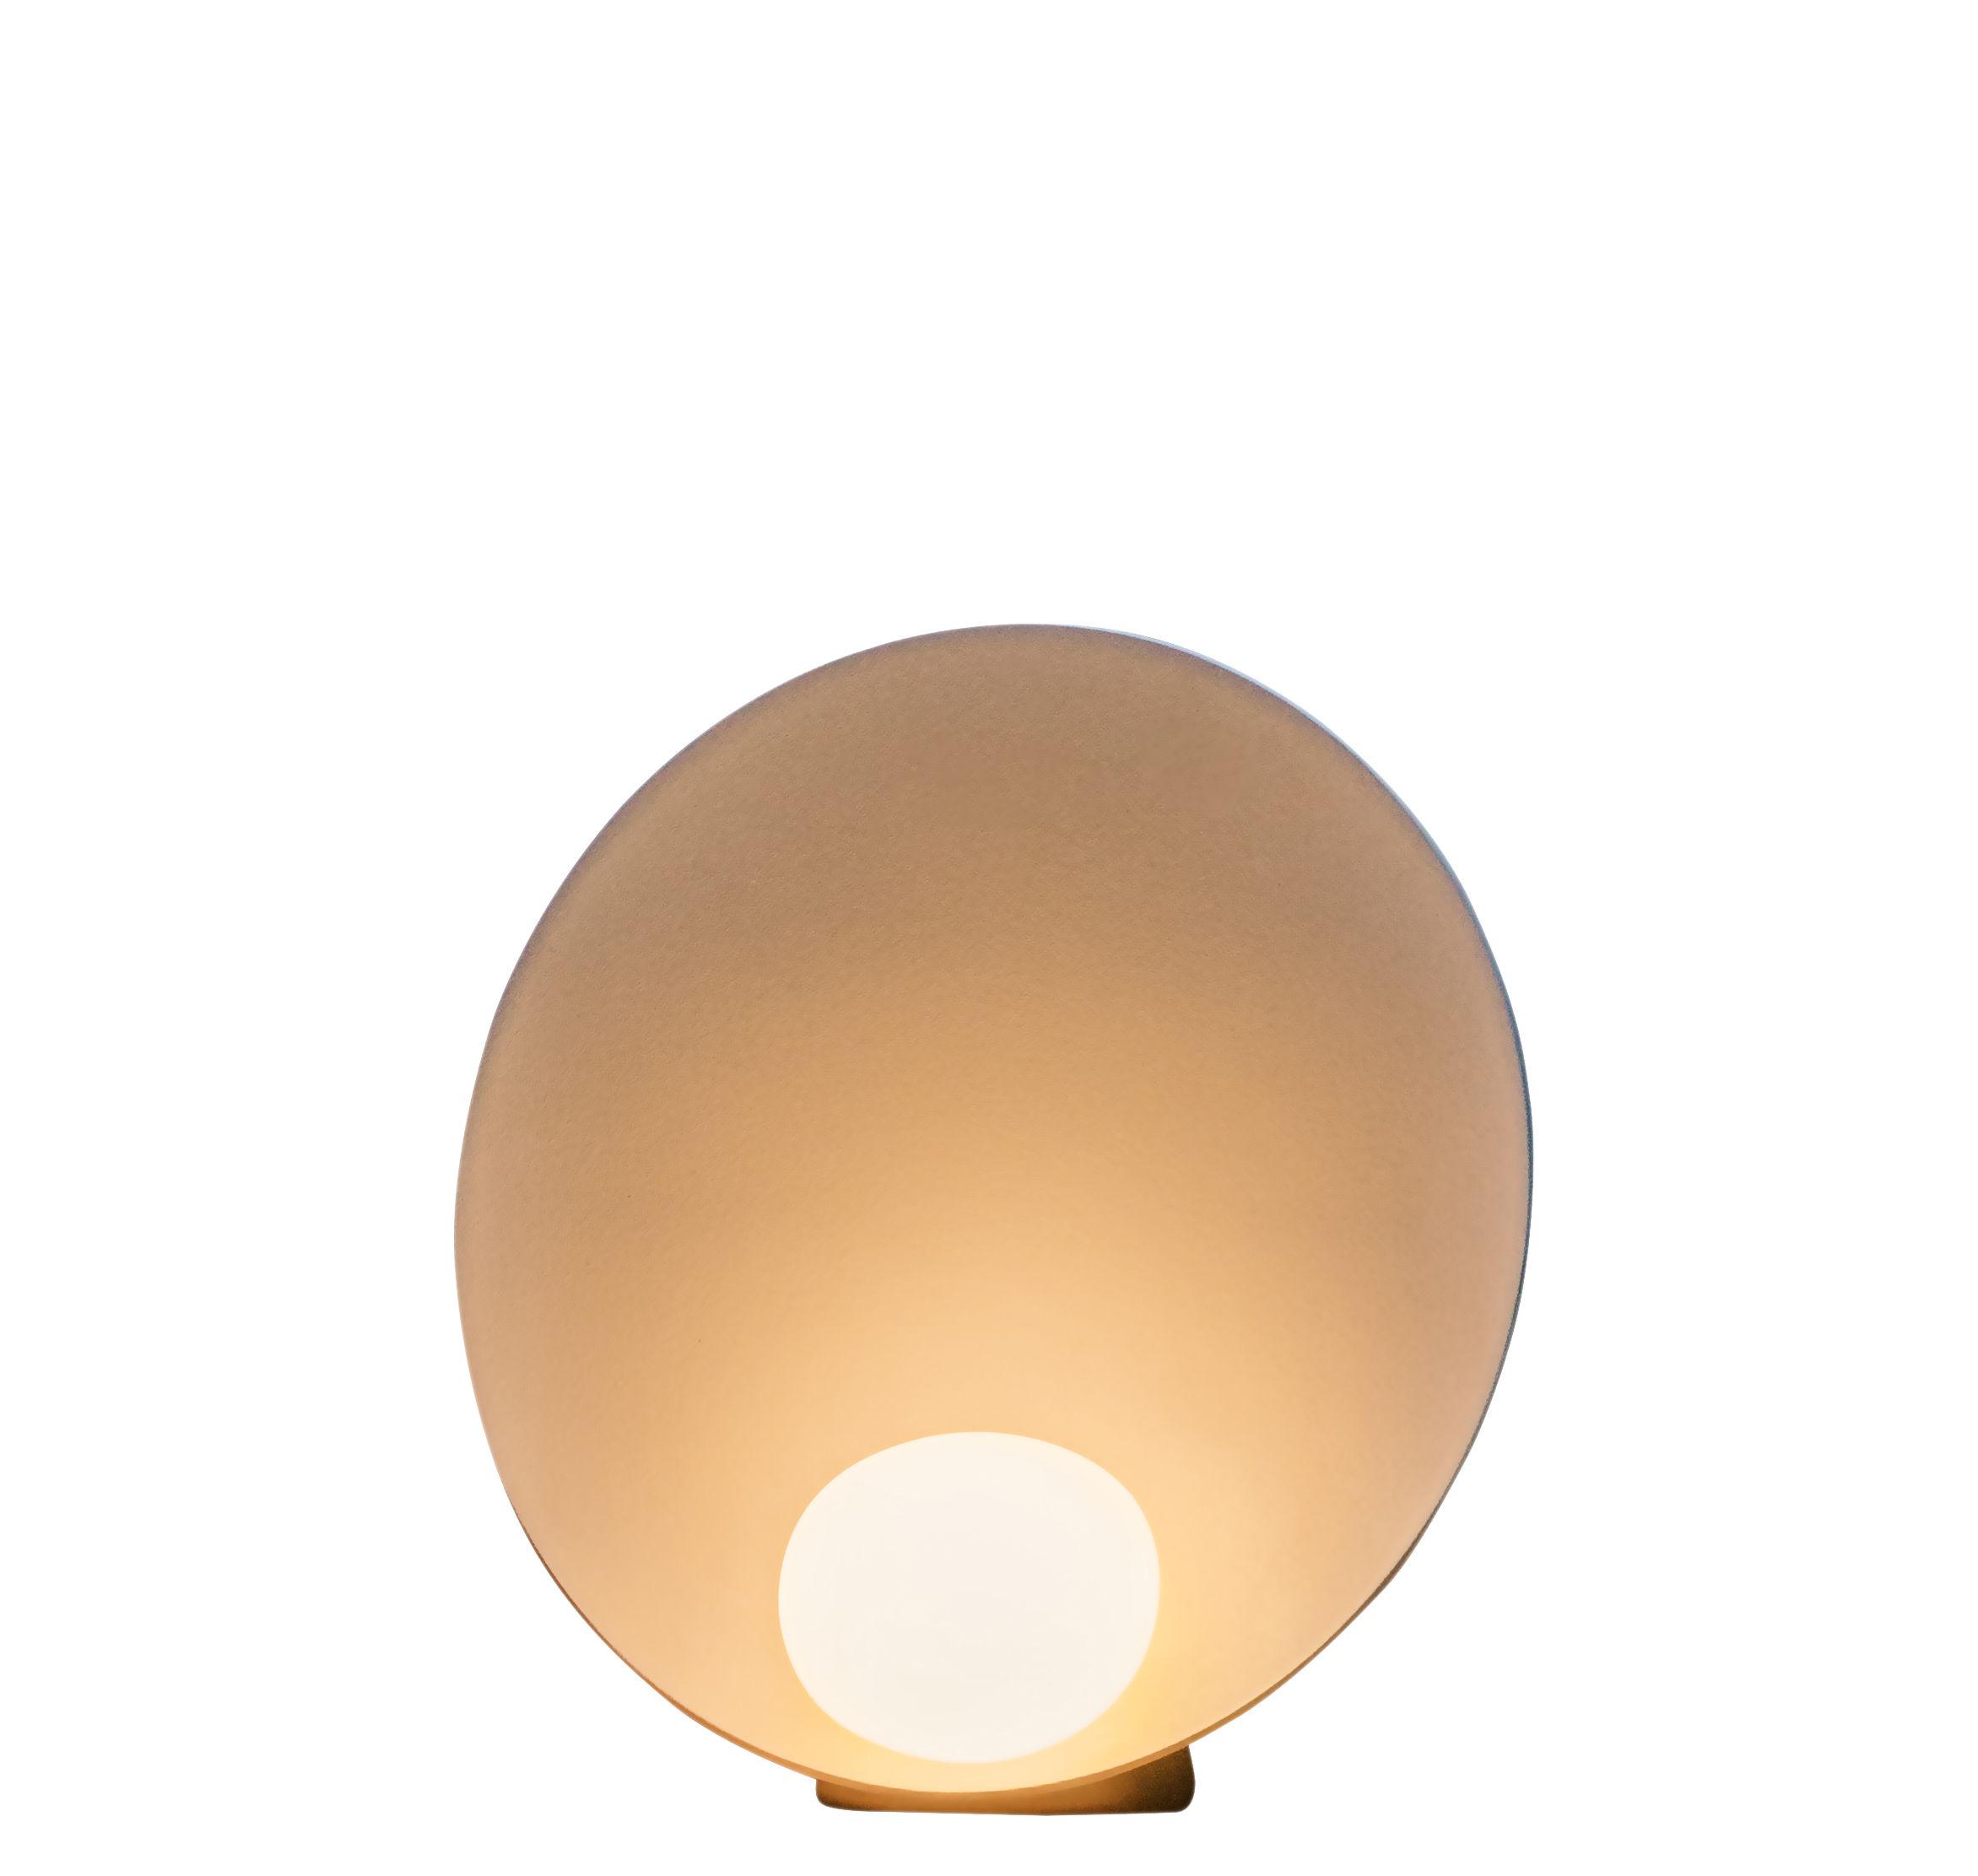 Leuchten - Tischleuchten - Musa Tischleuchte / stehend - Ø 26 cm - Vibia - Lachsfarben lackiert, matt - Aluminium, Verre soufflé opalin